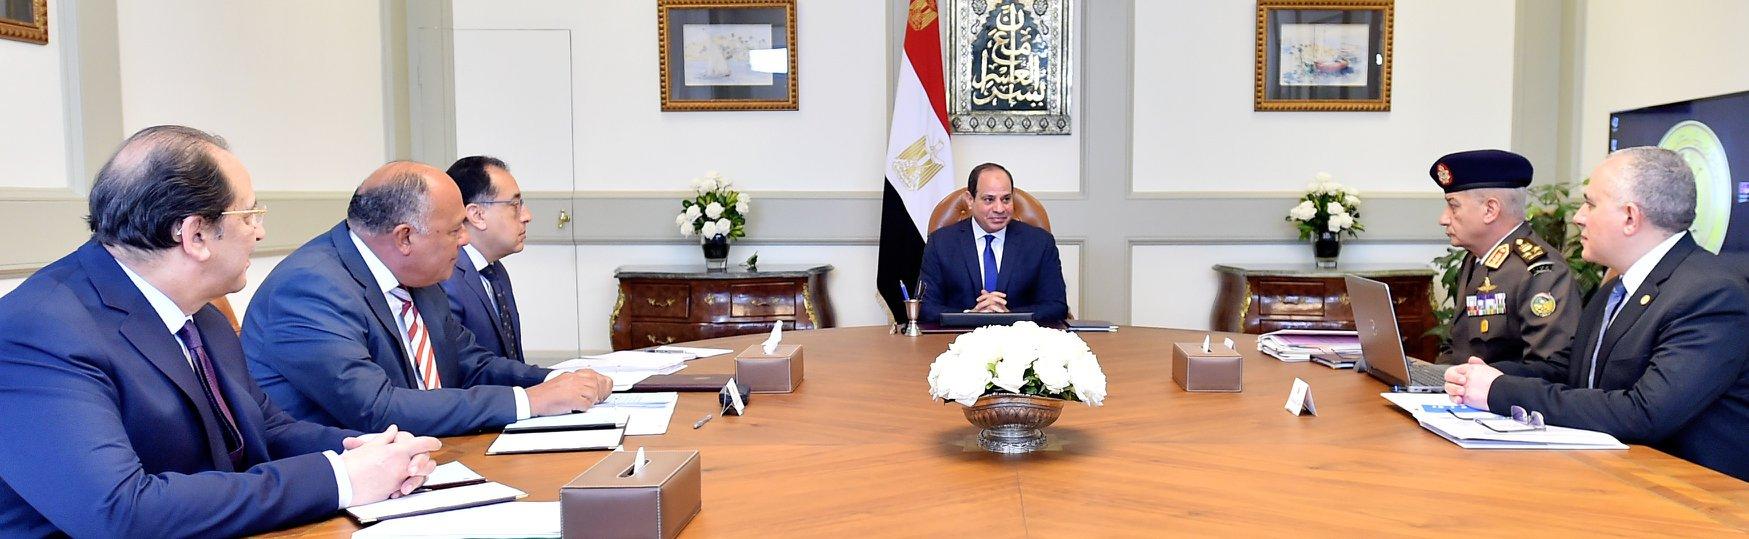 الرئيس السيسي يجتمع مع عدد من الوزراء لبحث آخر الأوضاع السياسية على المستويين الدولي والإقليمي